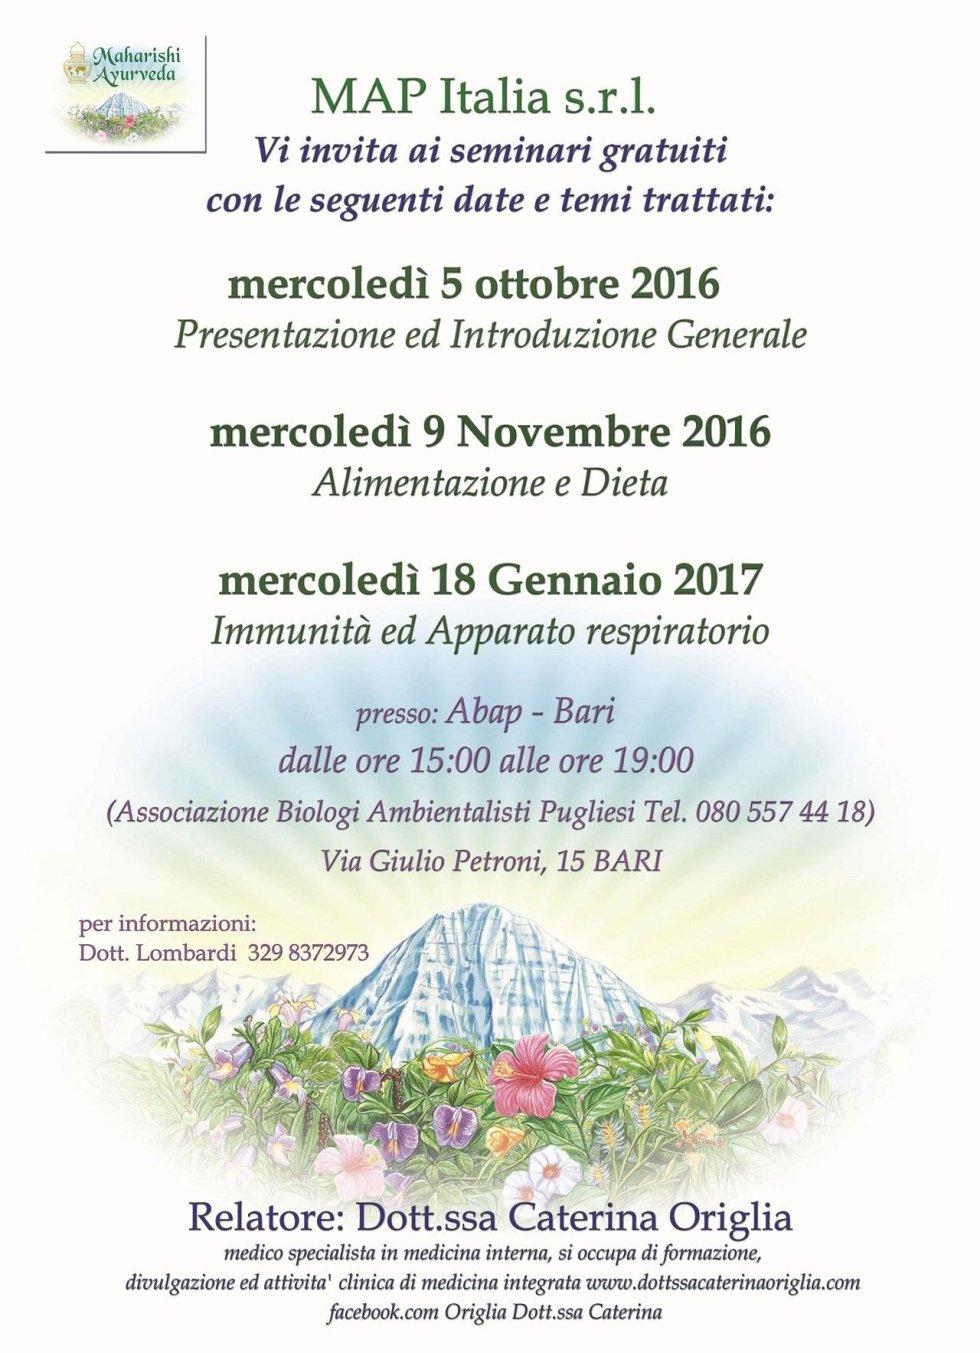 Seminari gratuiti 2016/2017